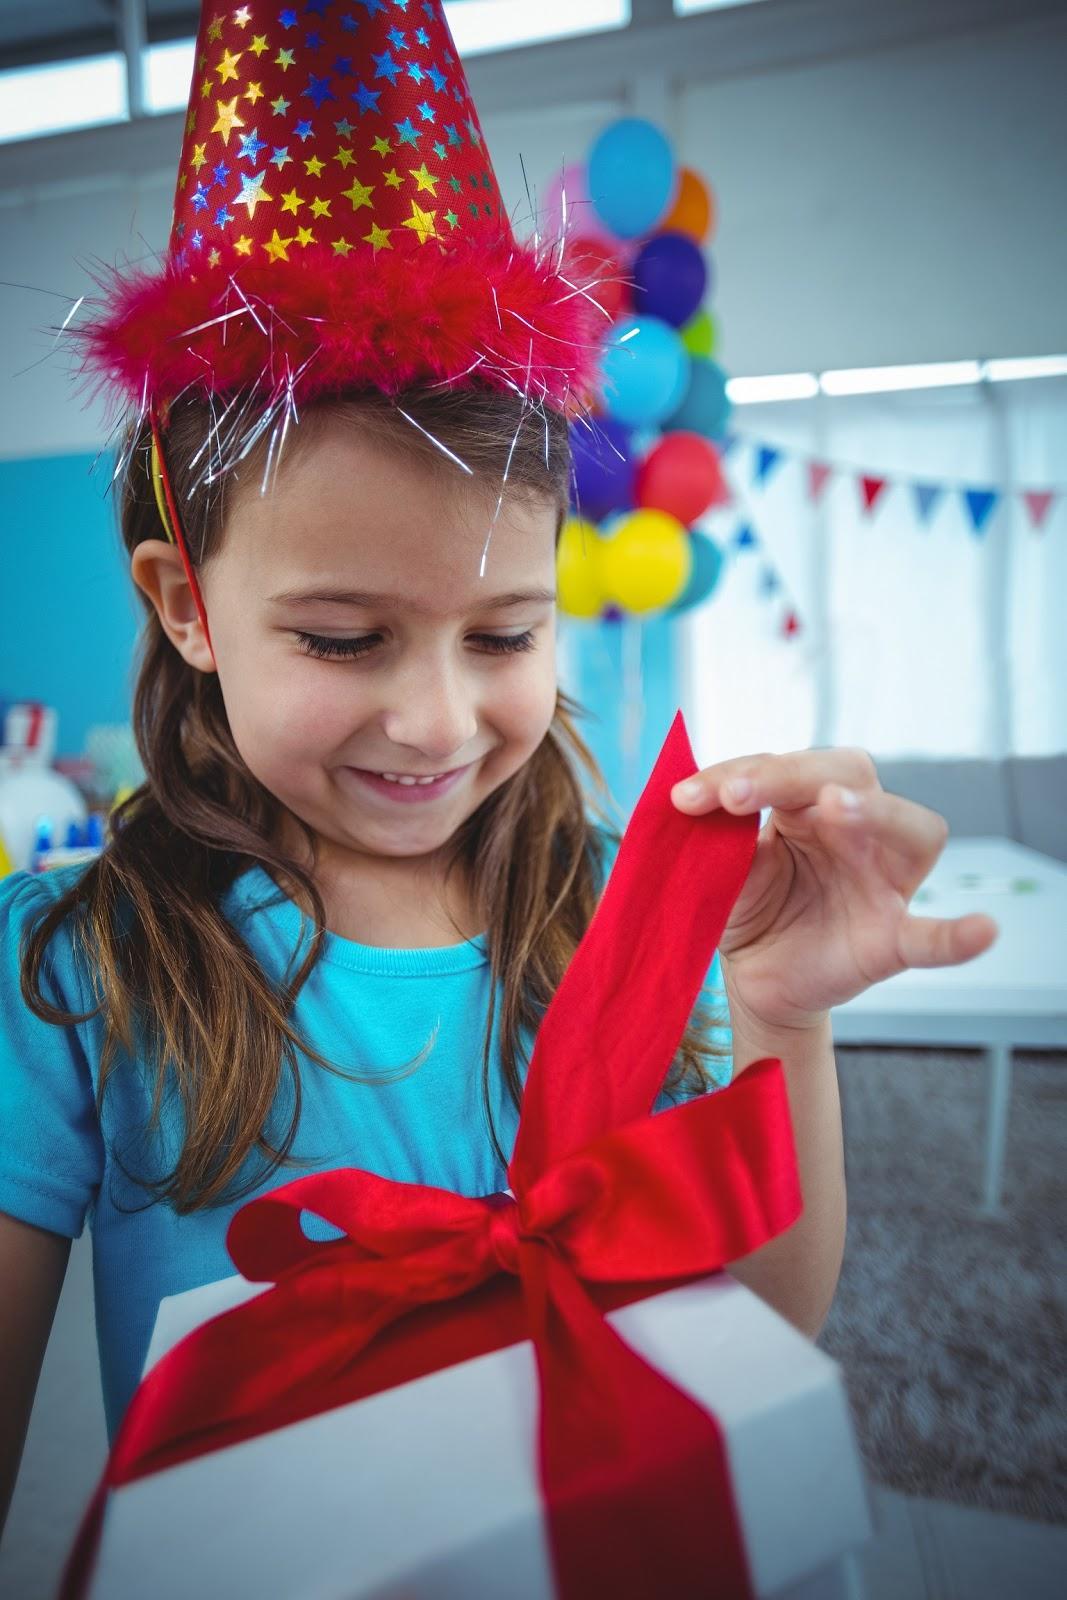 cadouri cuplu, cadouri familie, cadouri nunta, cadouri ocazii speciale, cadouri zi nastere, surpriza